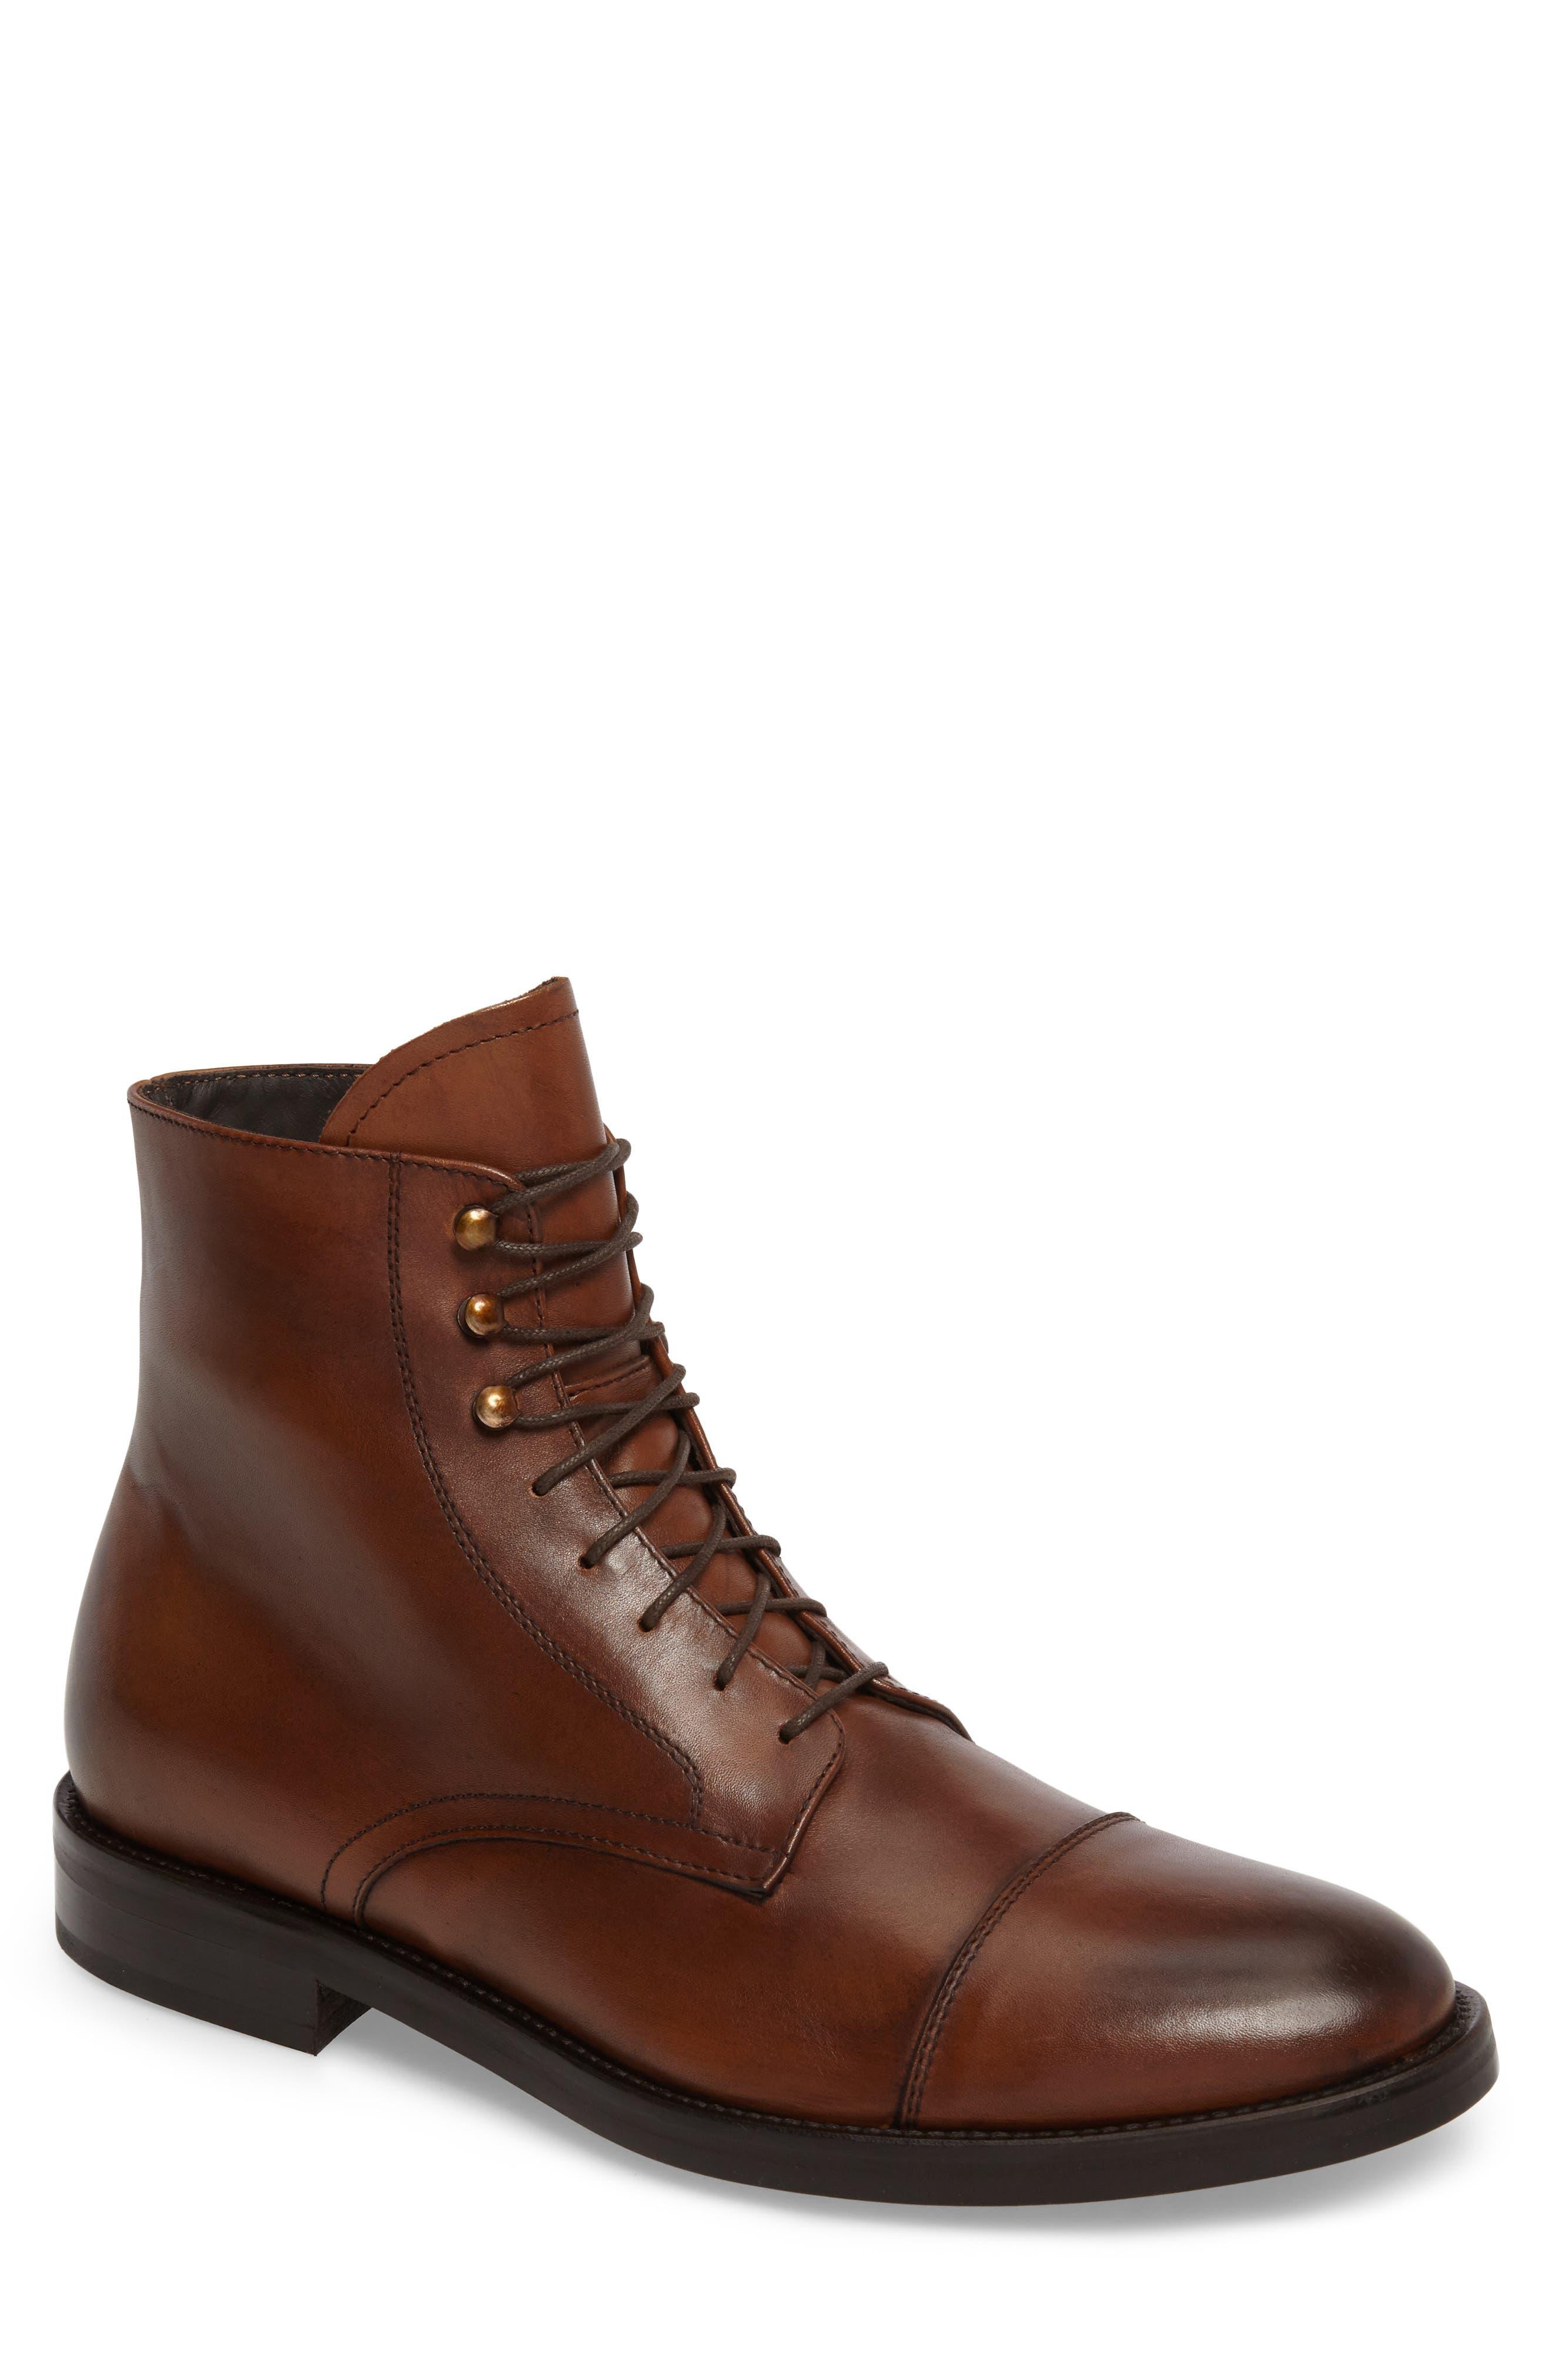 Alternate Image 1 Selected - To Boot New York Henri Cap Toe Boot (Men)